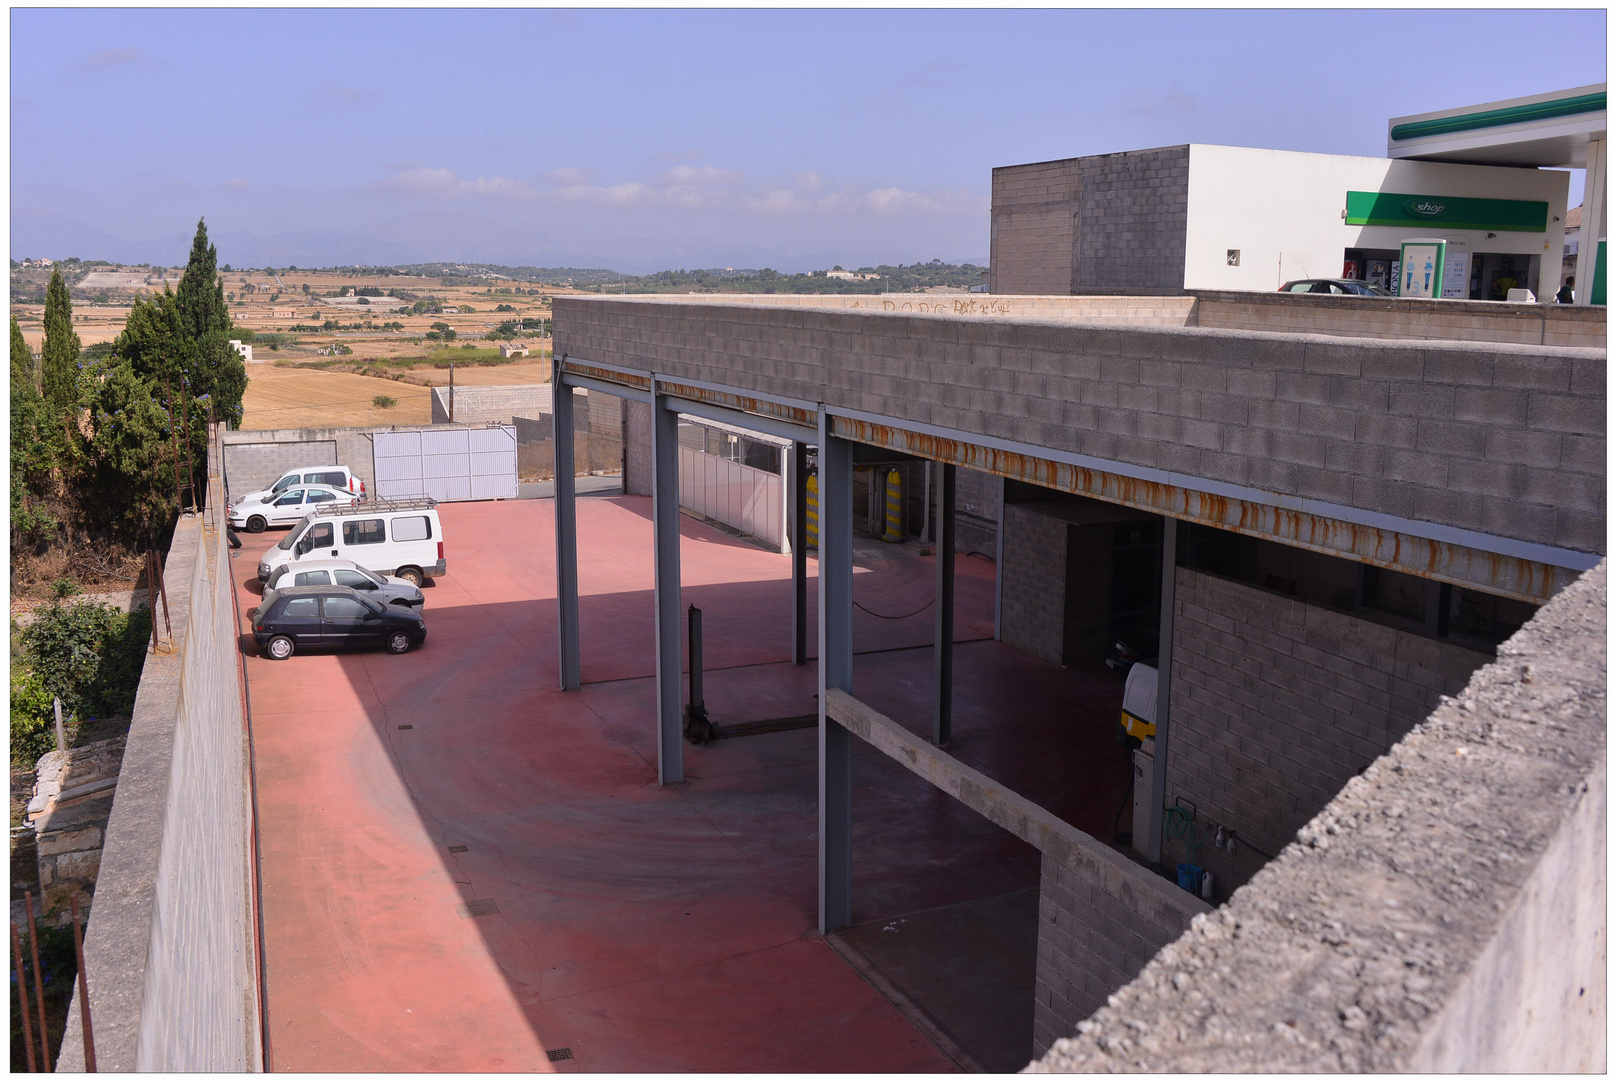 Mallorca 2012, Santa Margalida, cerca de la gasolinera